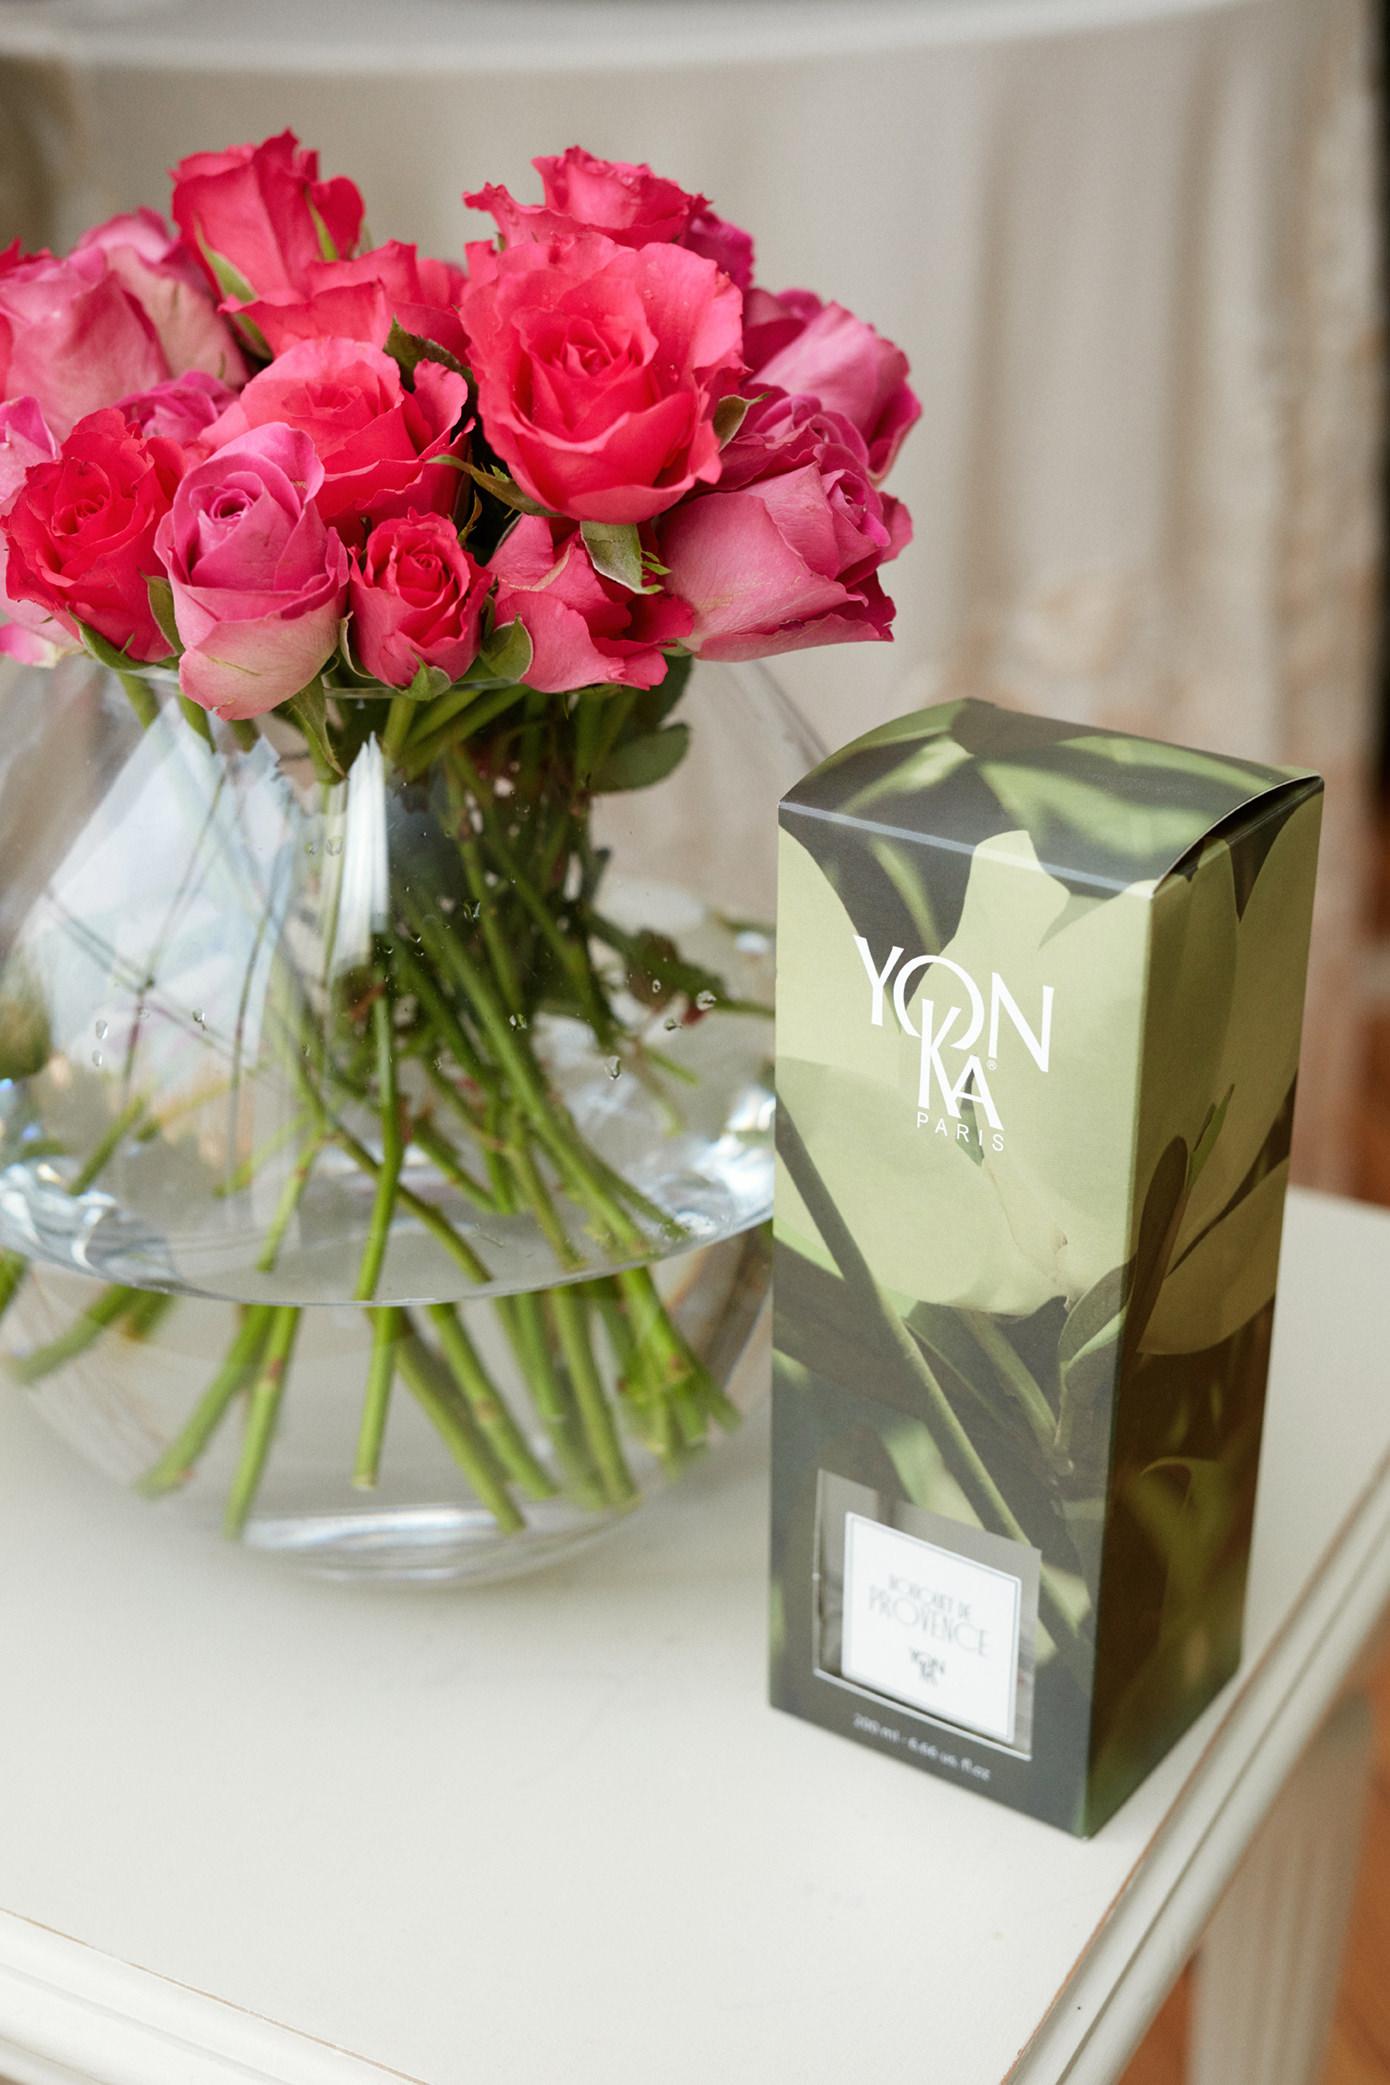 Yonka Christmas Gift Holly White natural diffuser